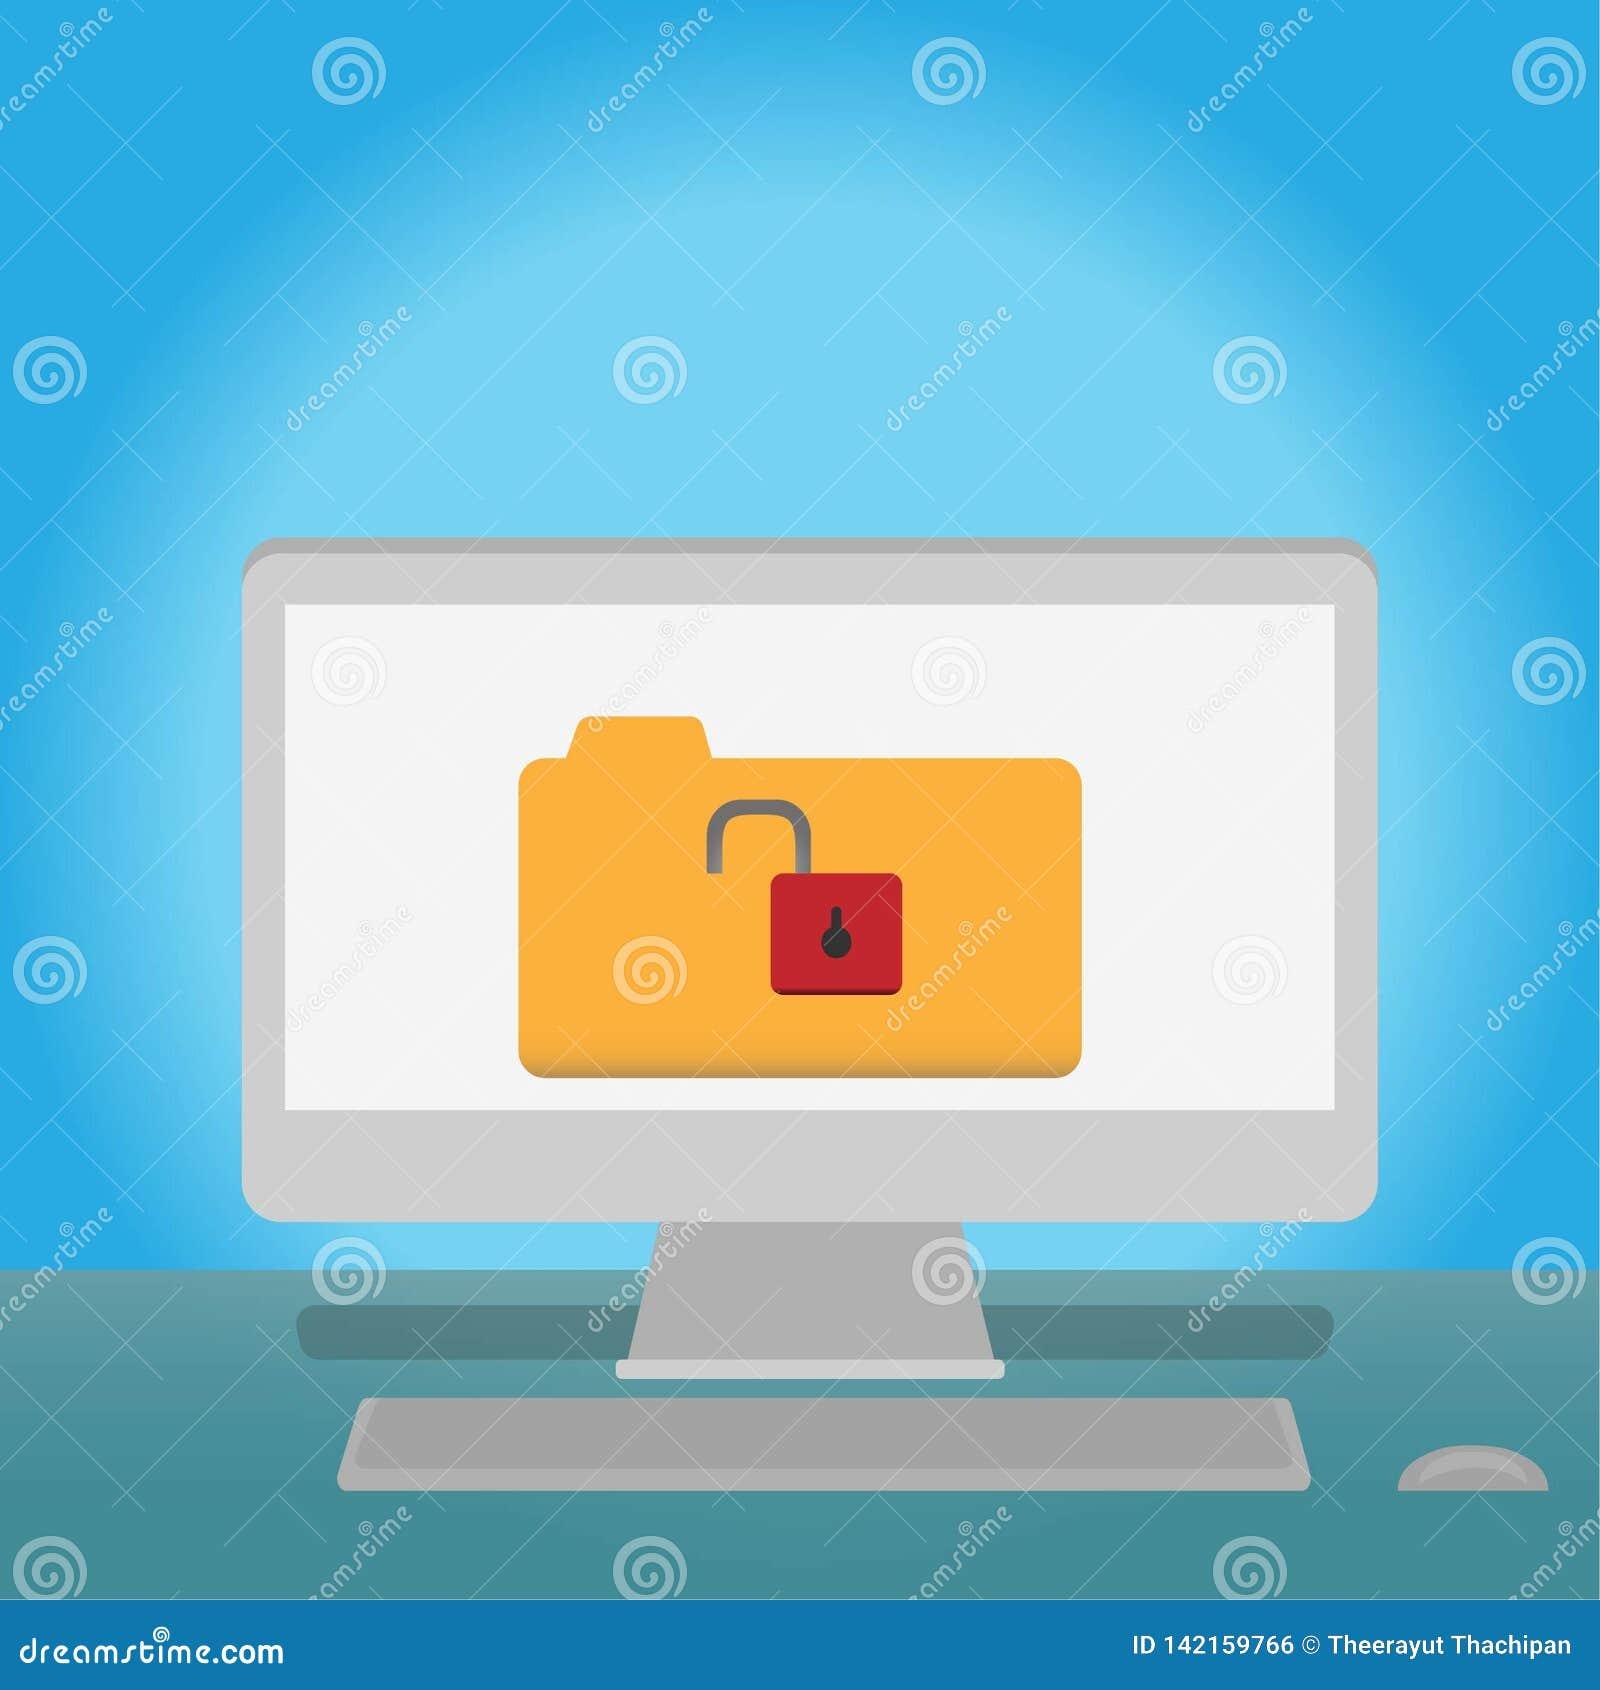 Desbloquee el archivo de datos en el ordenador concepto en línea de Internet de los medios sociales